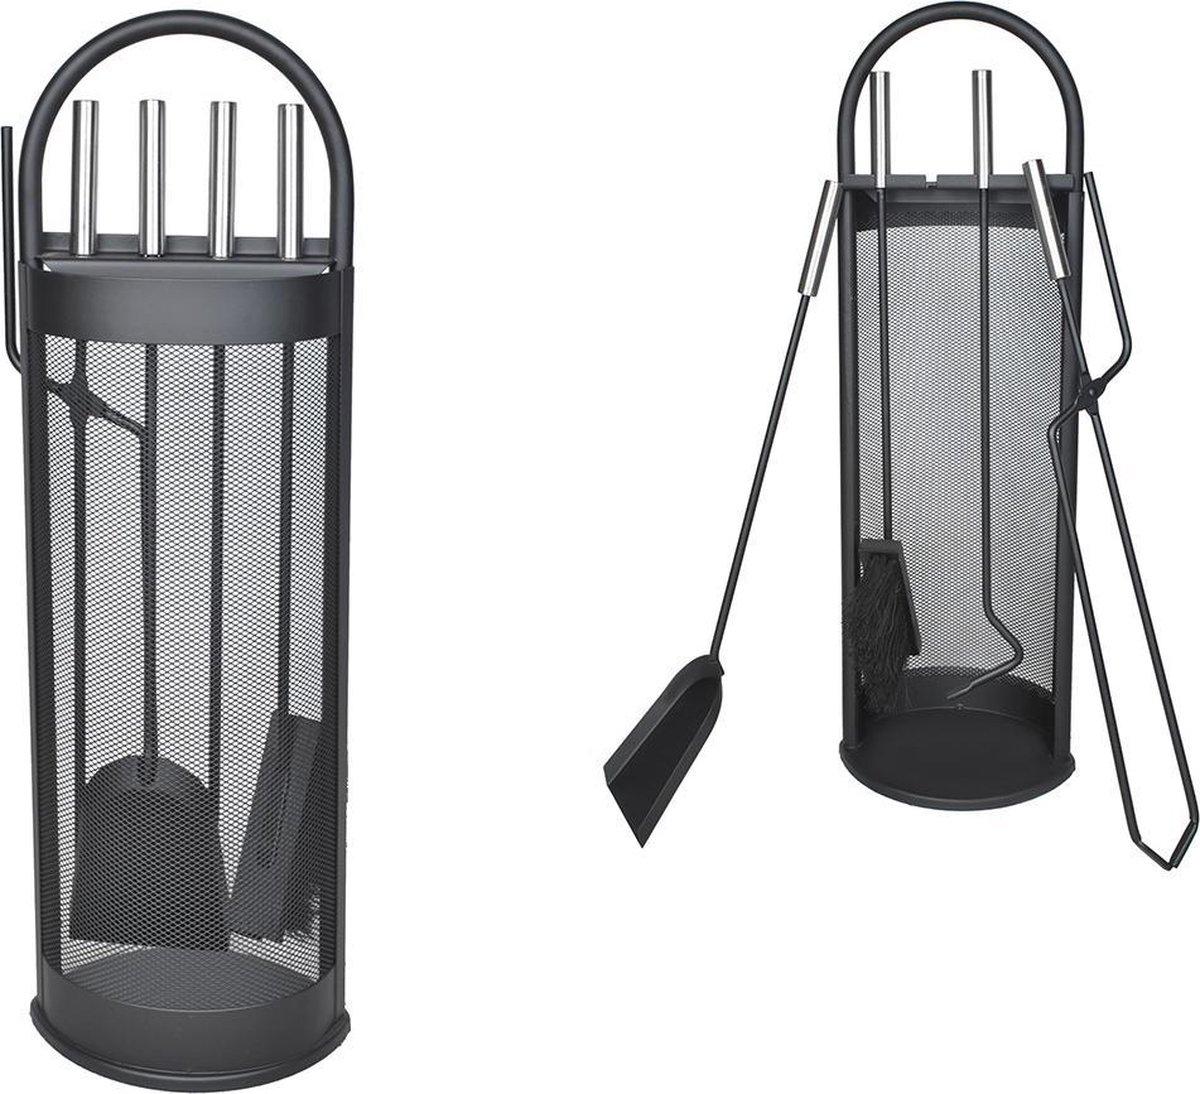 Haardset 5-Delig - Openhaardset - Open Haard Gereedschap Accessoire Set - Haardstel Pook/Tang/Schep/